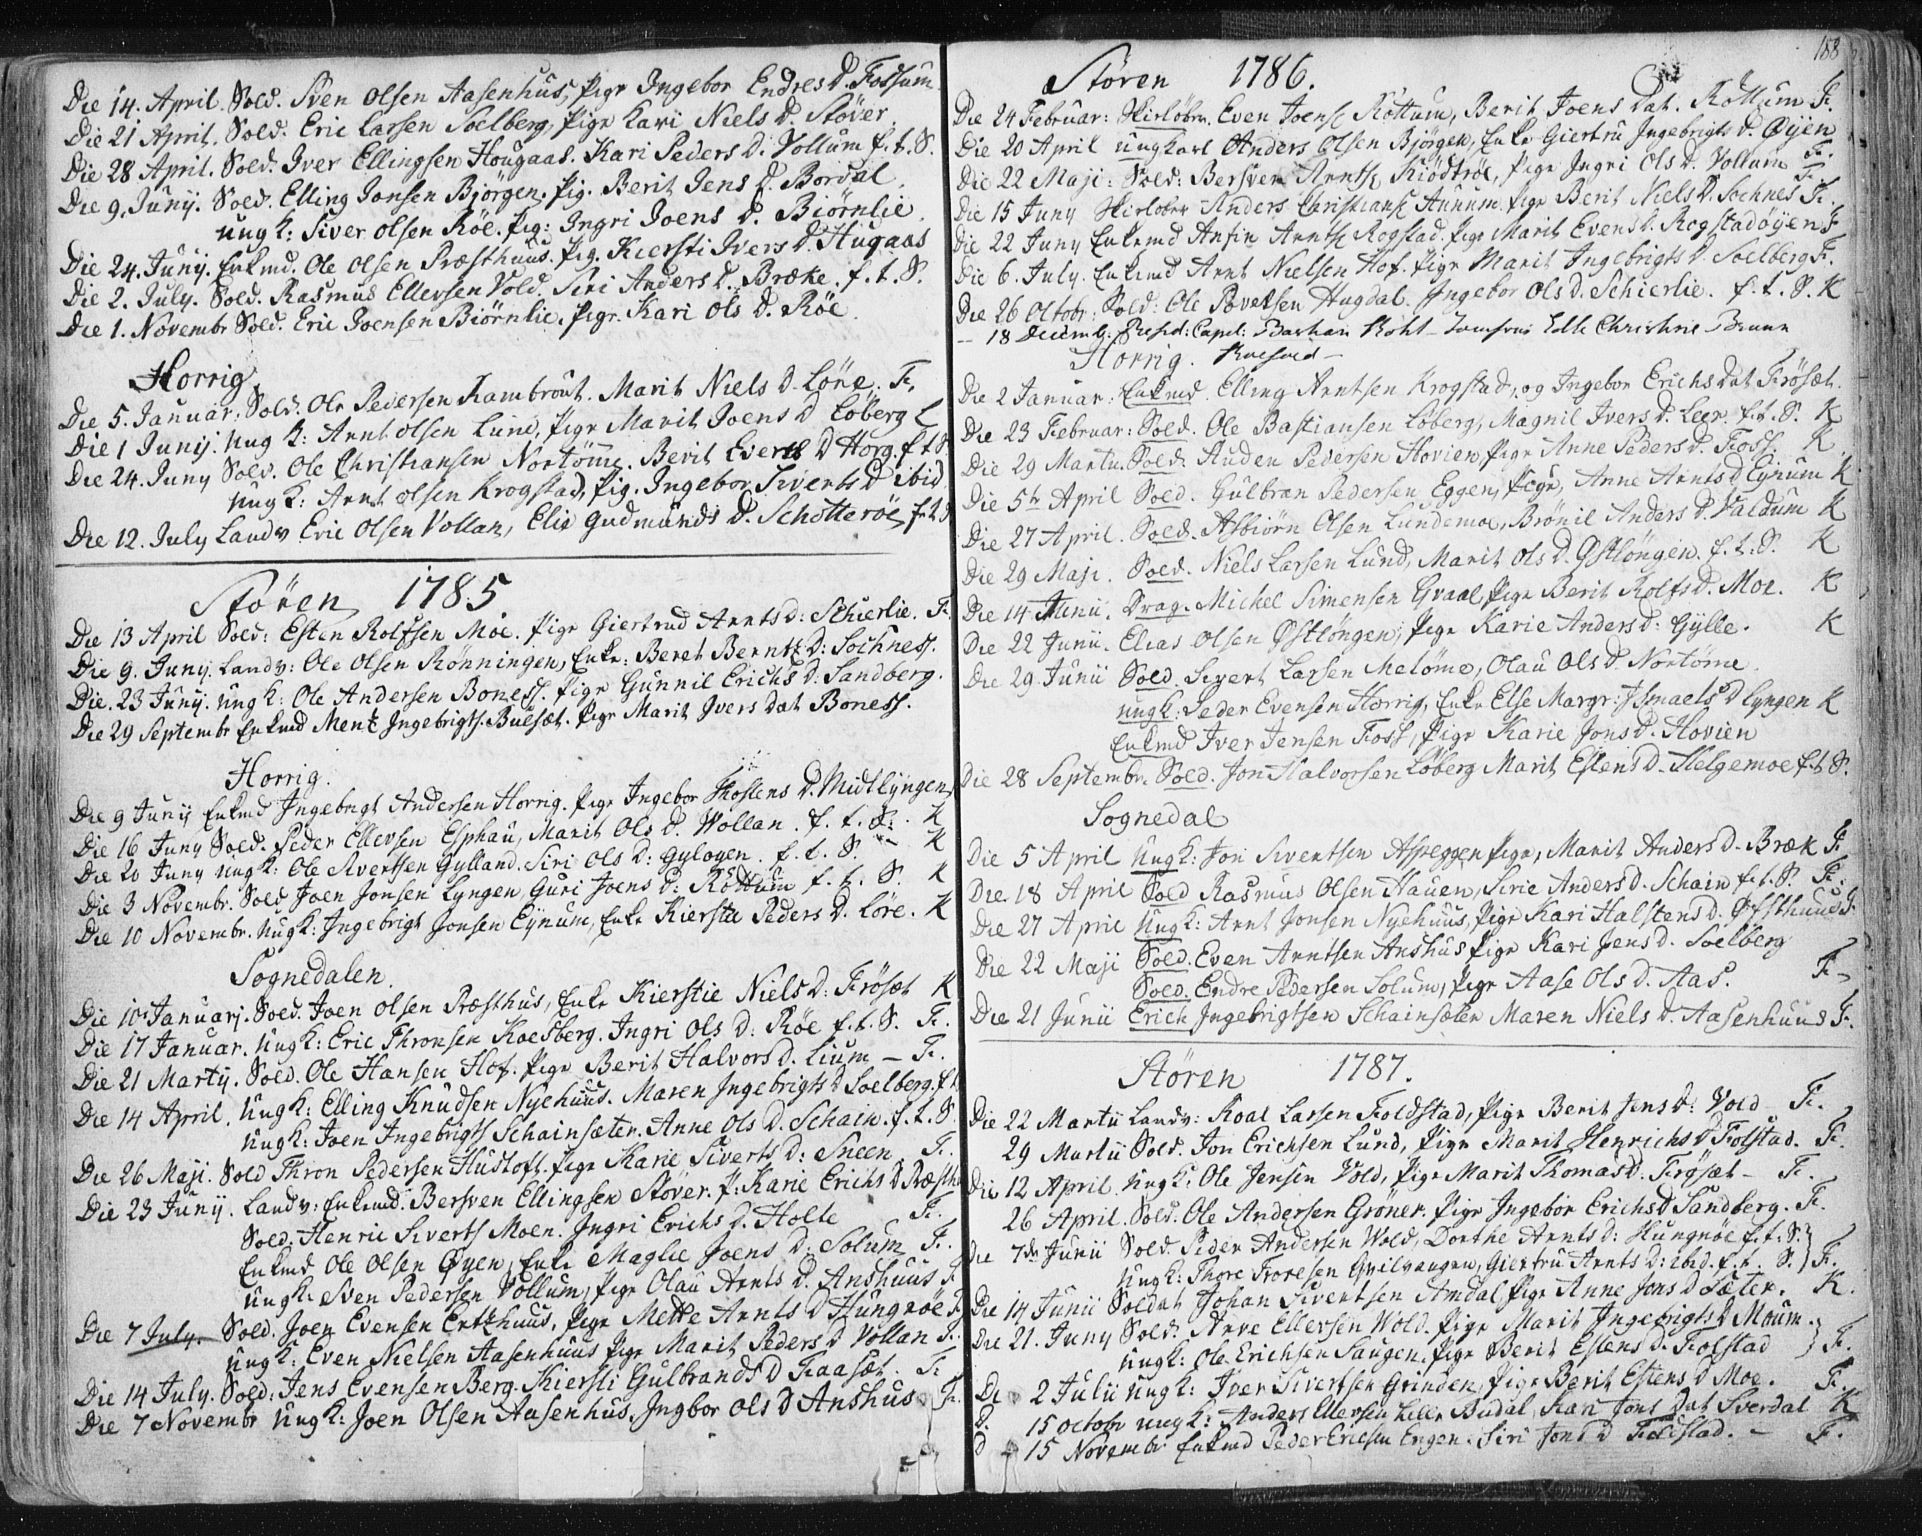 SAT, Ministerialprotokoller, klokkerbøker og fødselsregistre - Sør-Trøndelag, 687/L0991: Ministerialbok nr. 687A02, 1747-1790, s. 188